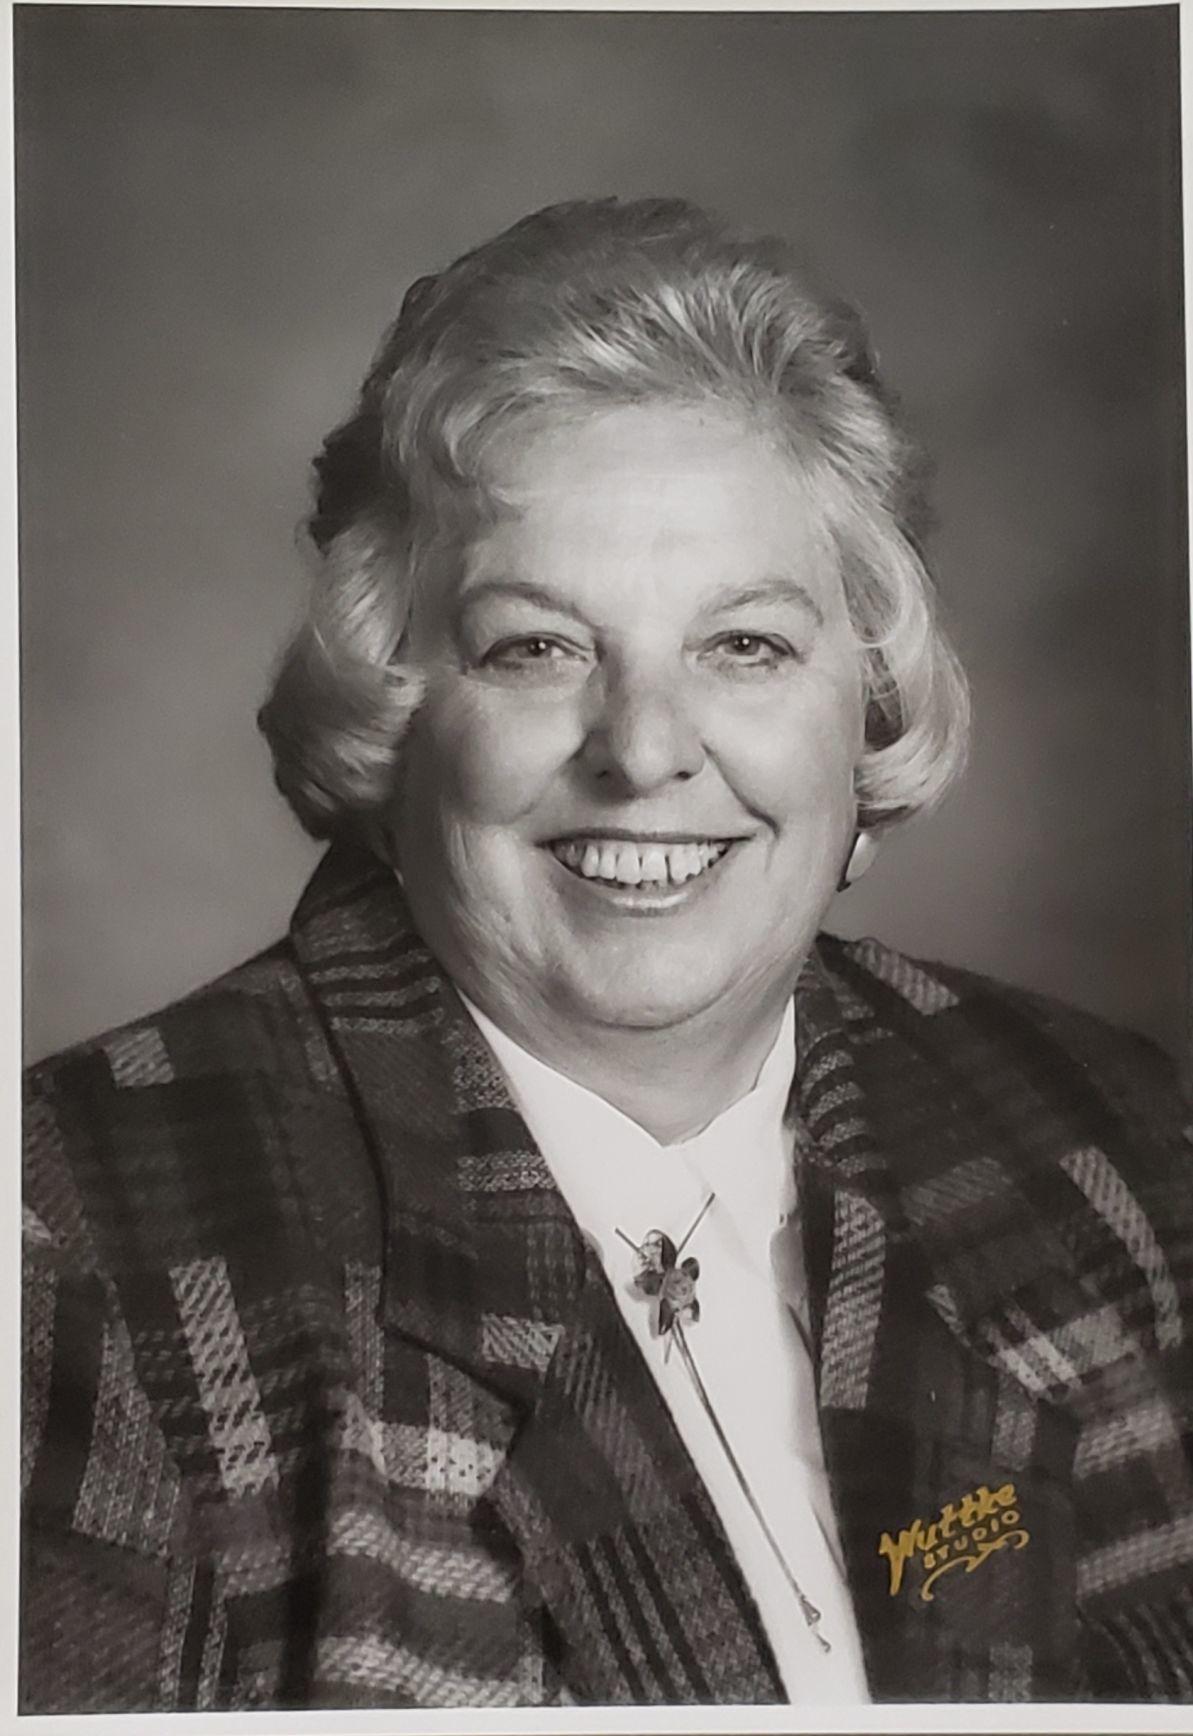 Beatrice Dale headshot as mayor